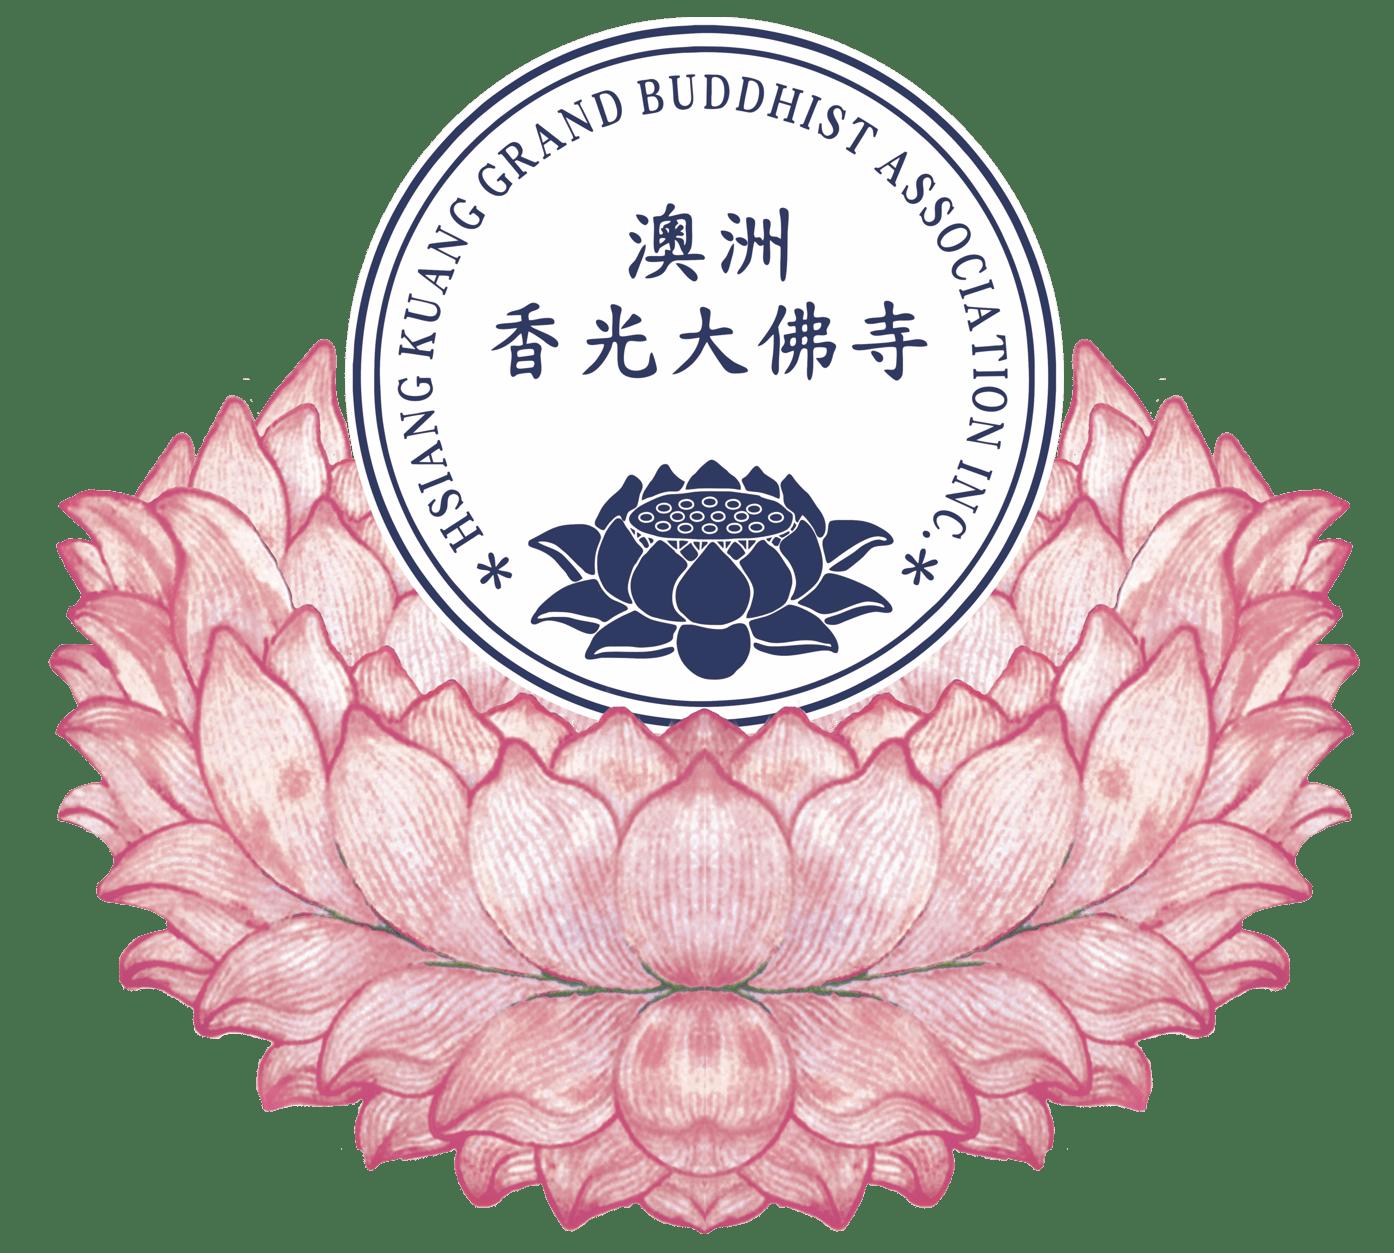 澳洲香光大佛寺